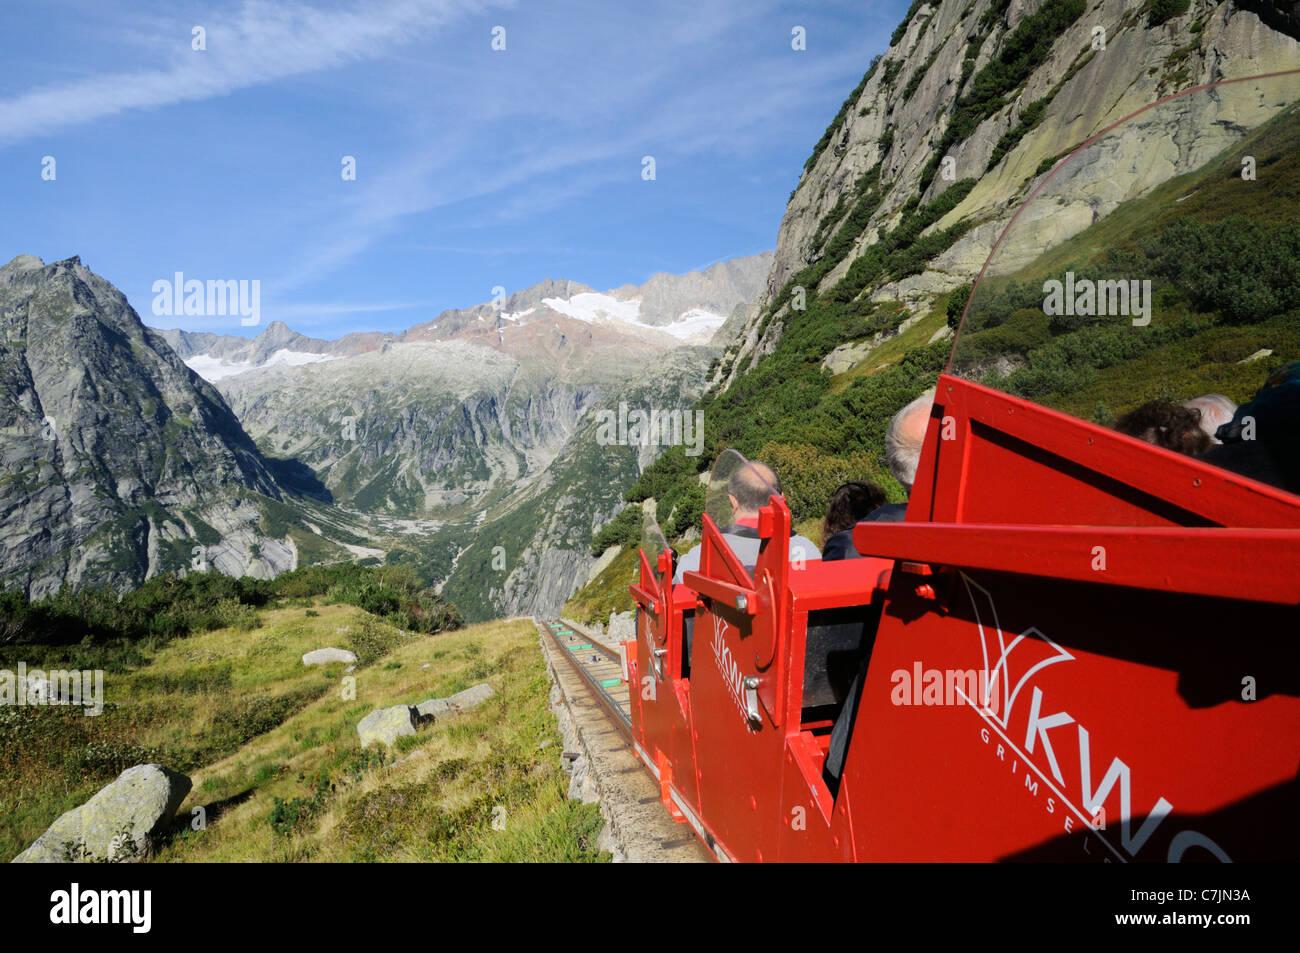 La Suisse, l'Europe de l'Ouest, région du Grimsel, nr. Guttannen, funiculaire Gelmerbahn. Photo Stock